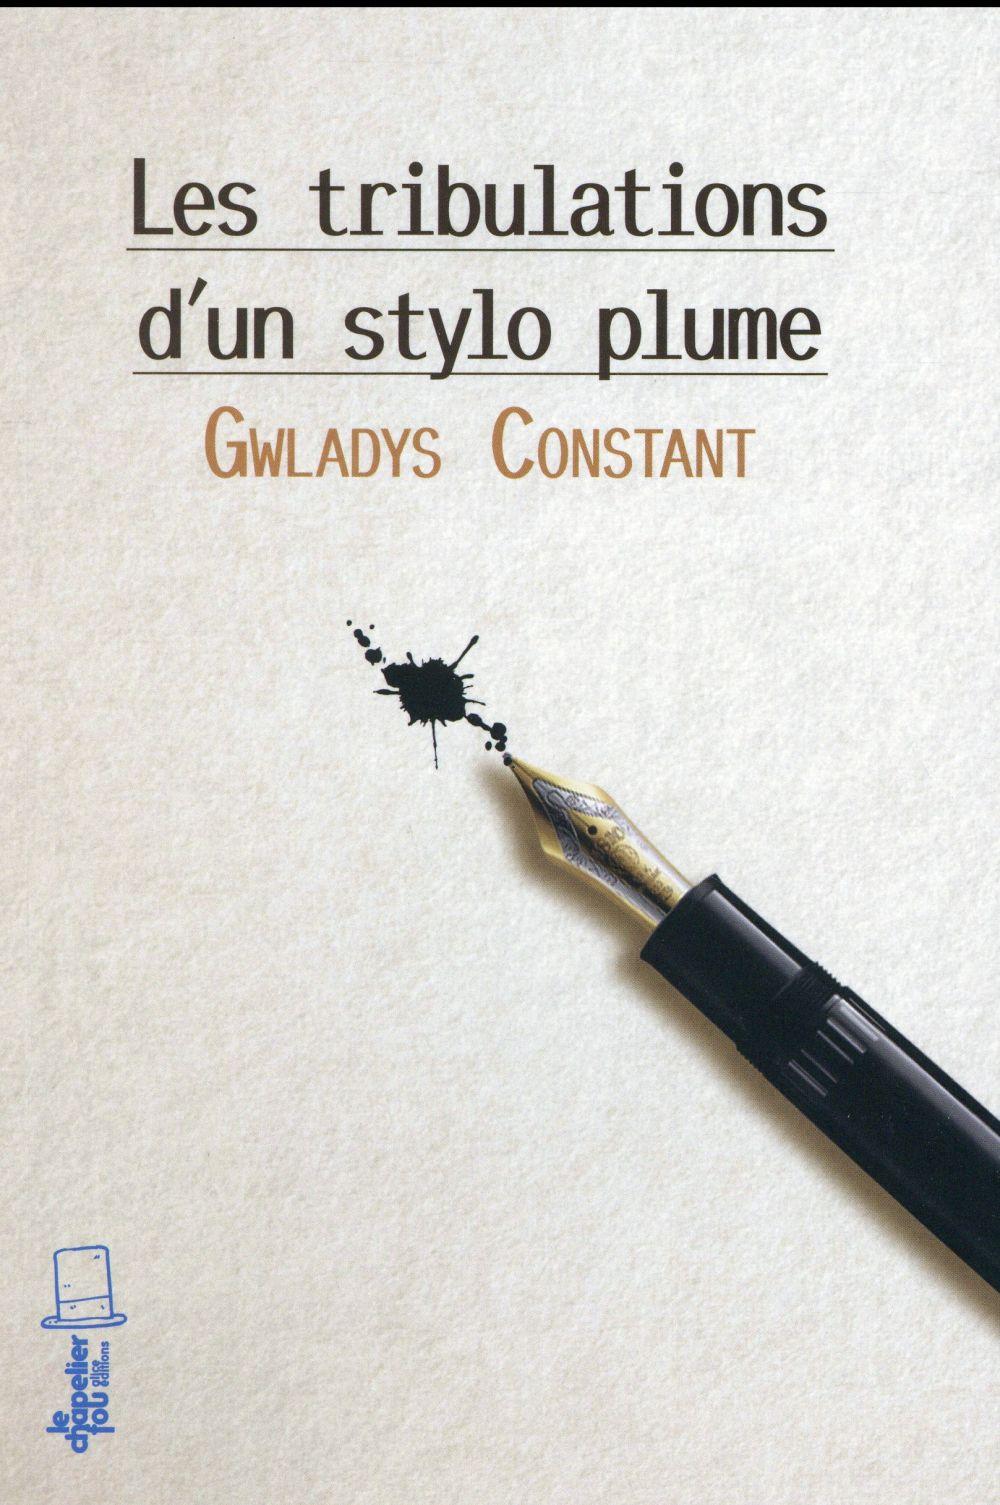 Les tribulations d'un stylo plume / Gwladys Constant | Constant, Gwladys (1980-....)